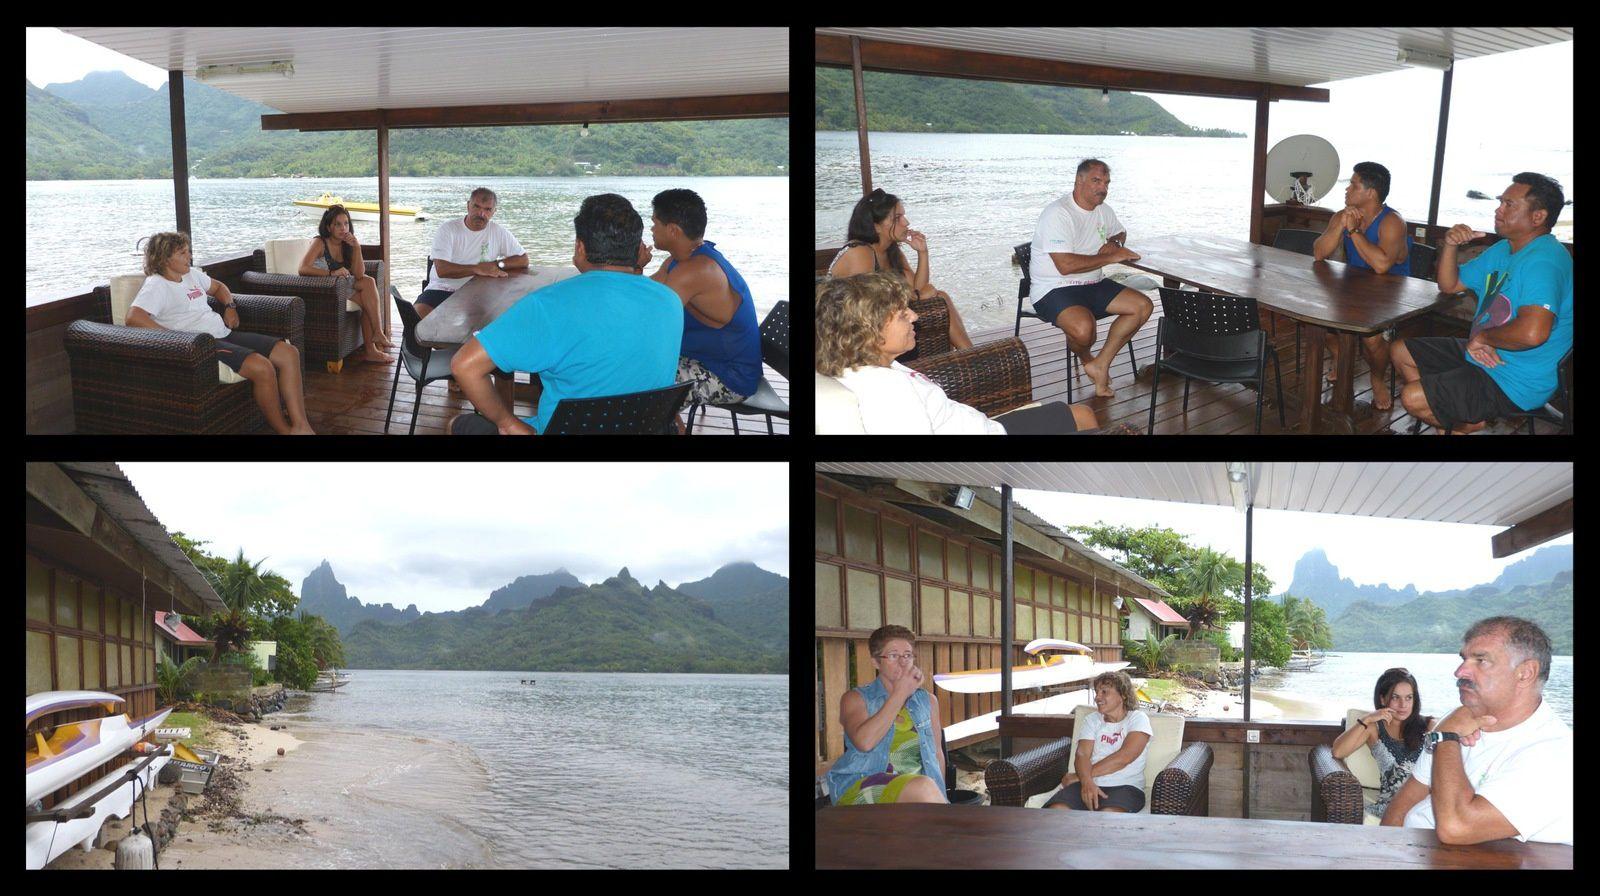 Maison louée pour le week end au bord de l'eau dans la baie d'Opunohu